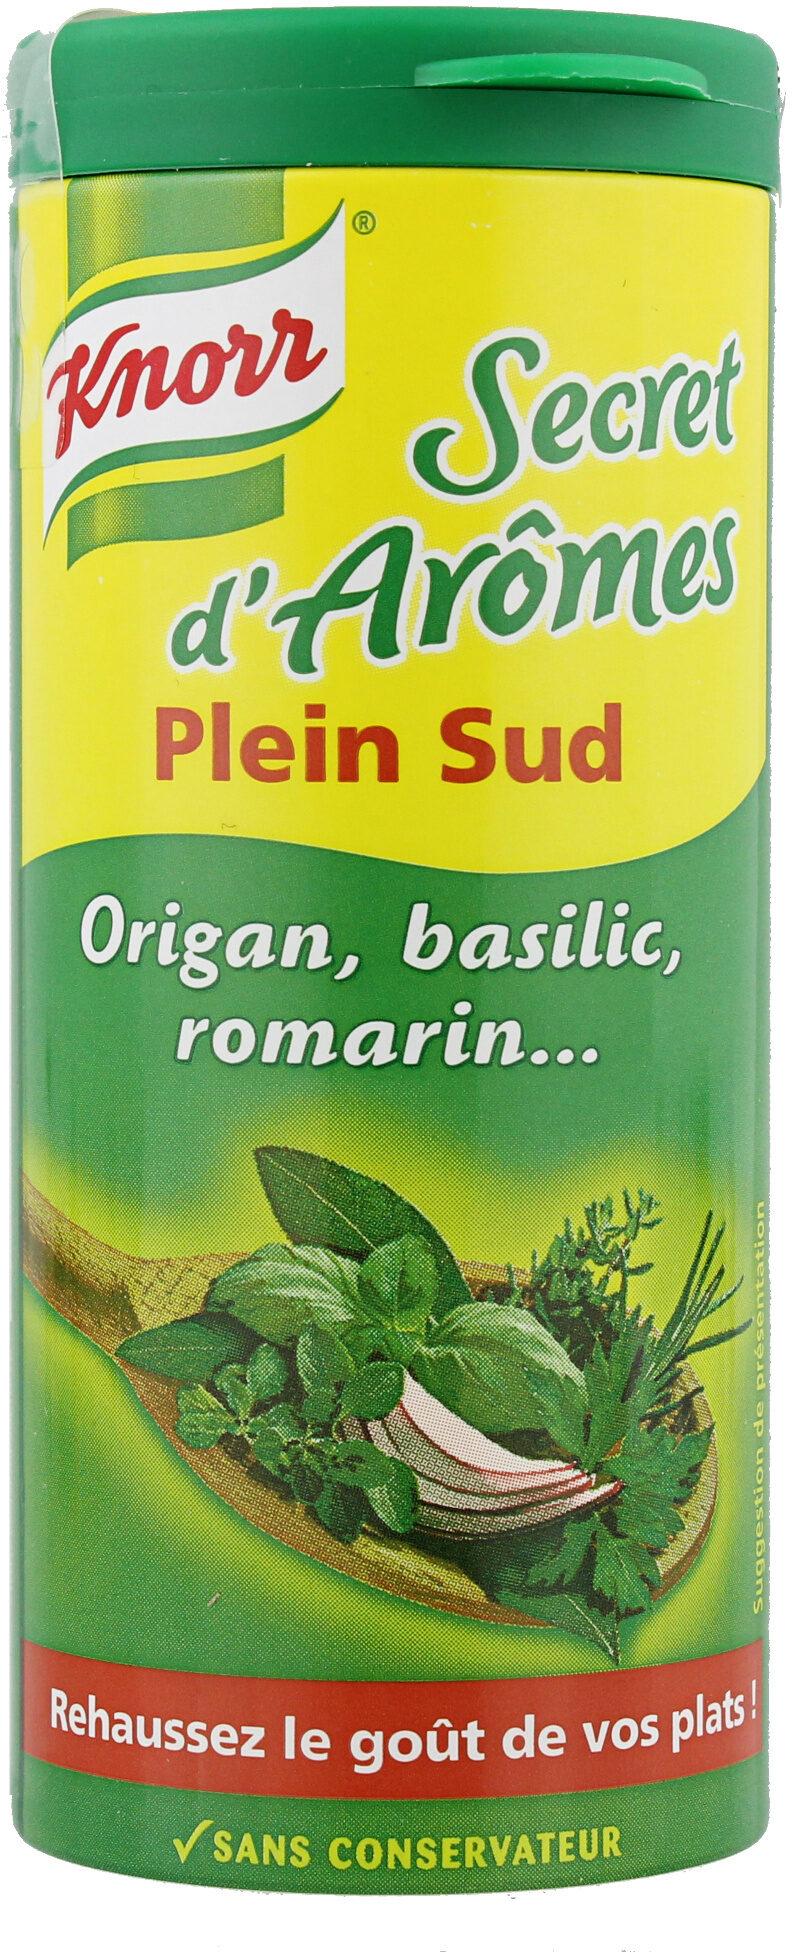 Knorr Secrets d'Arômes Assaisonnement En Poudre Plein Sud Tube 60g - Product - fr